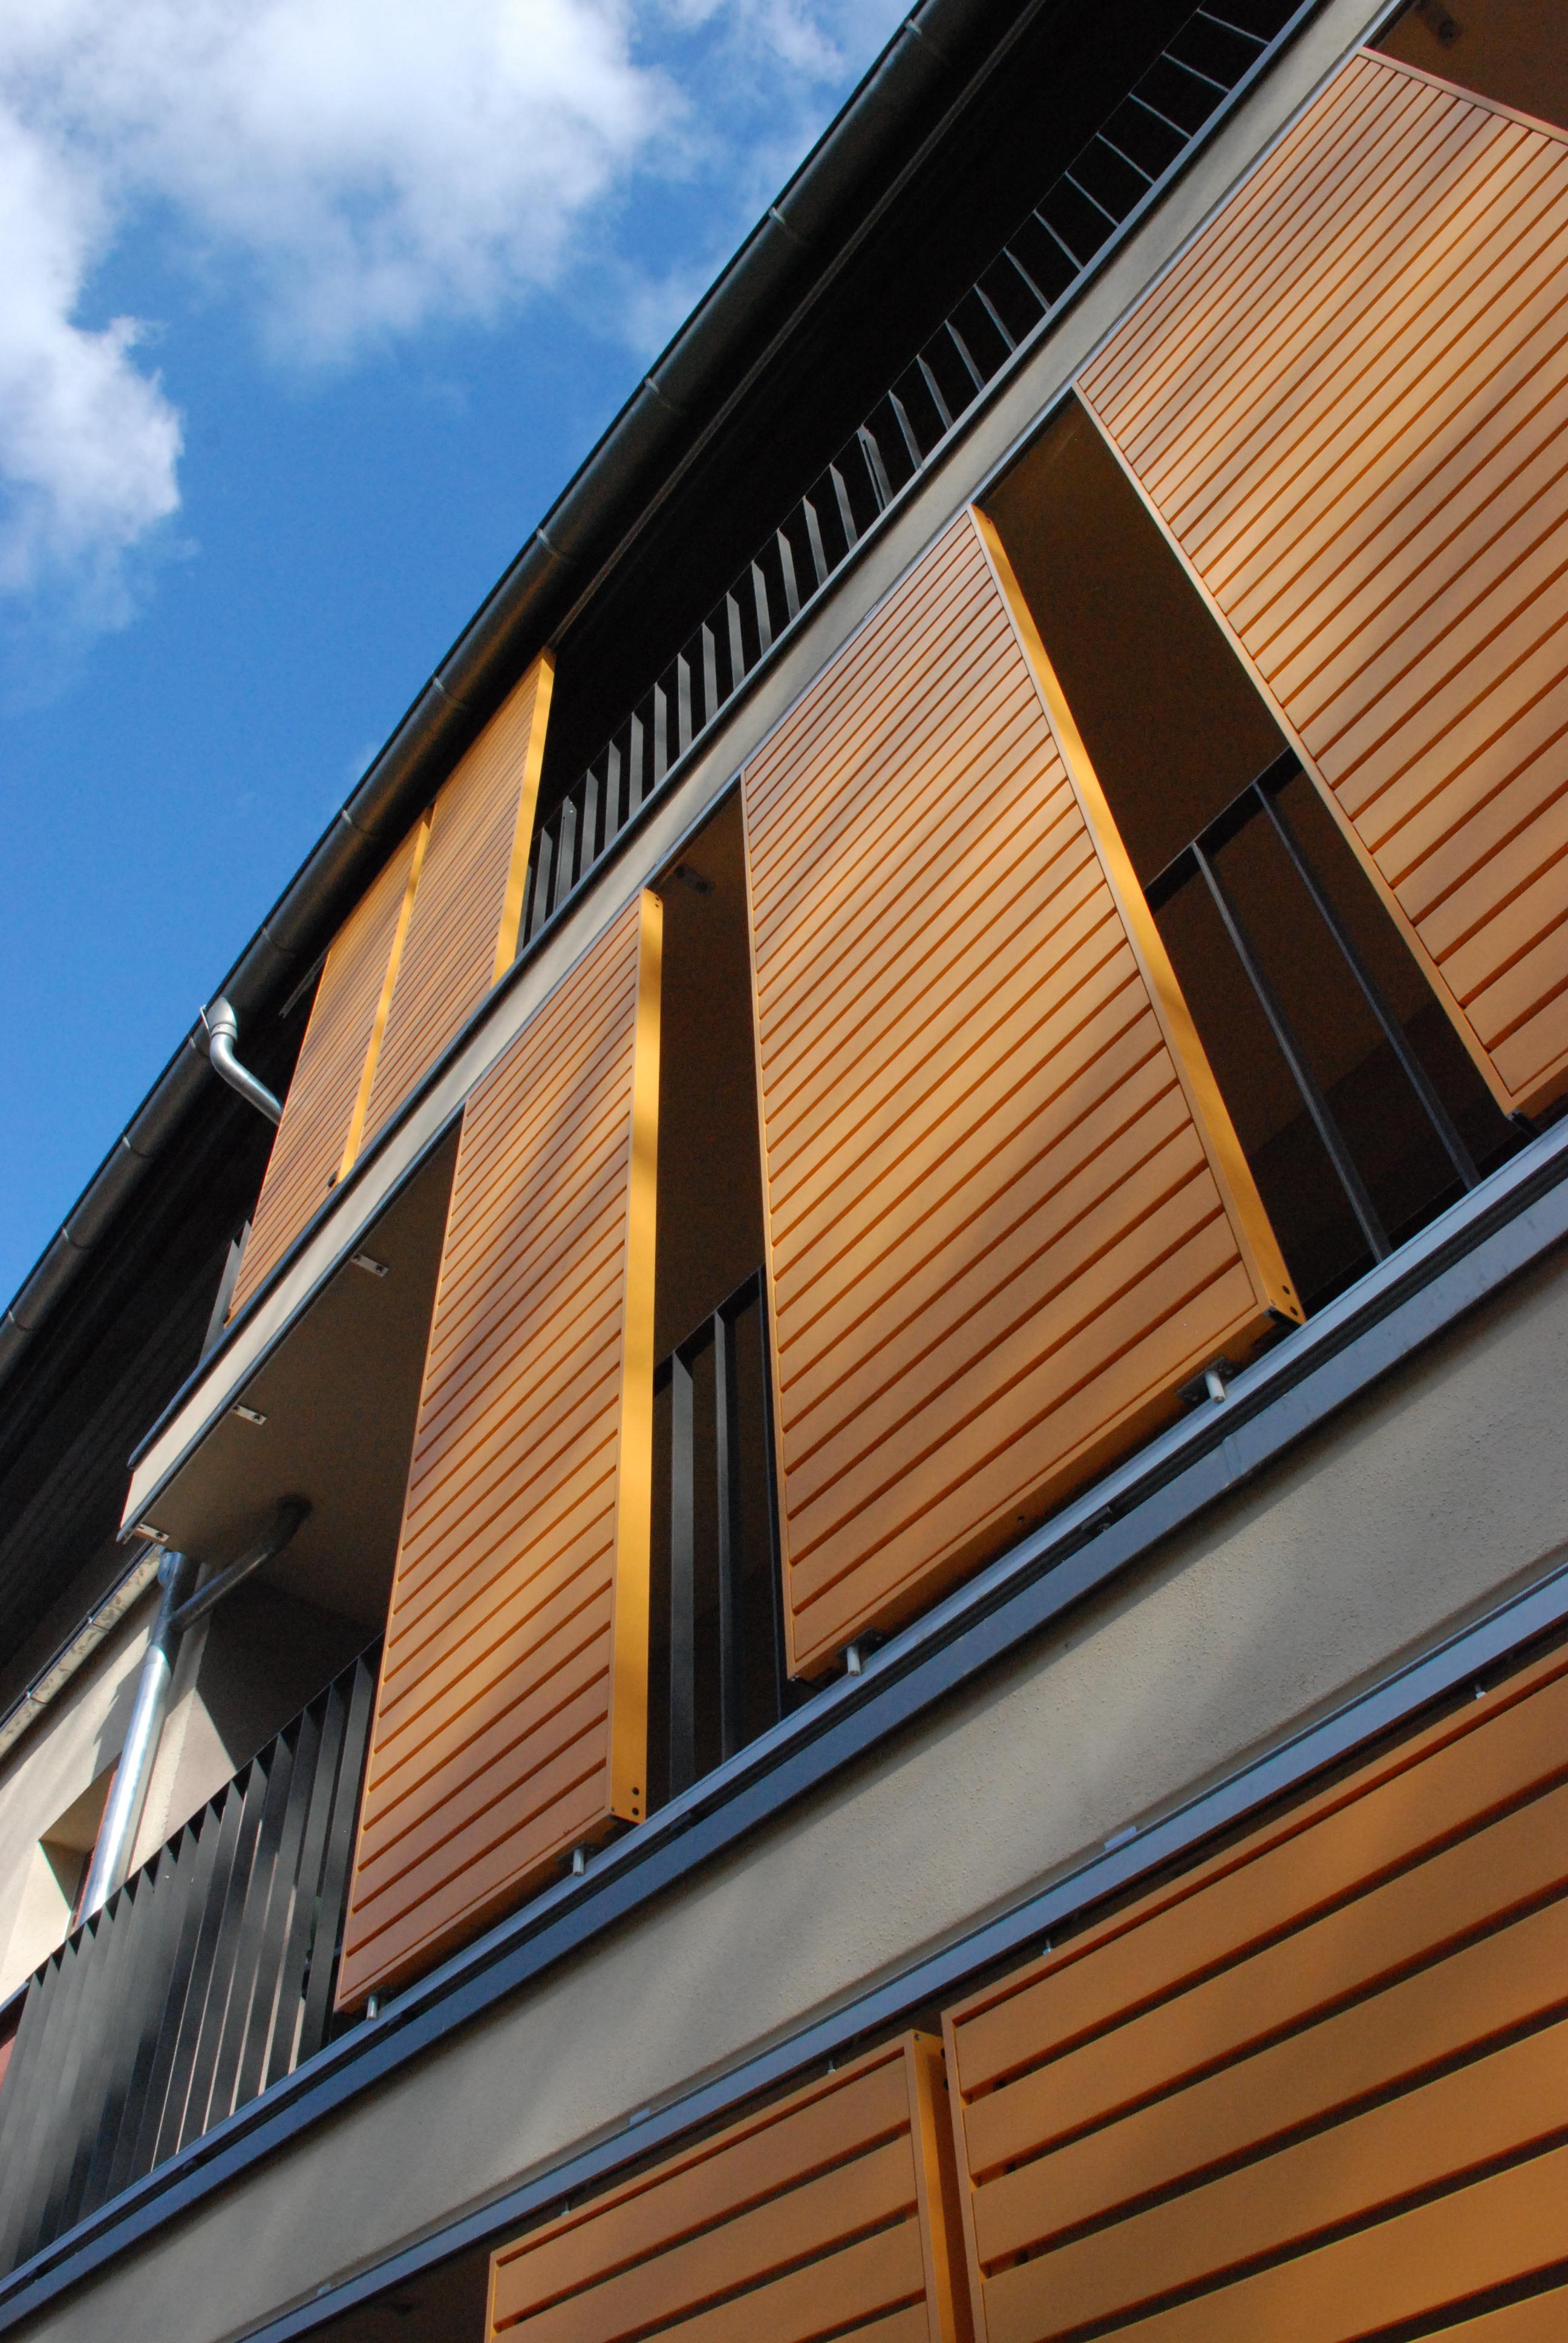 Schiebeläden mit Holz in Wittstock